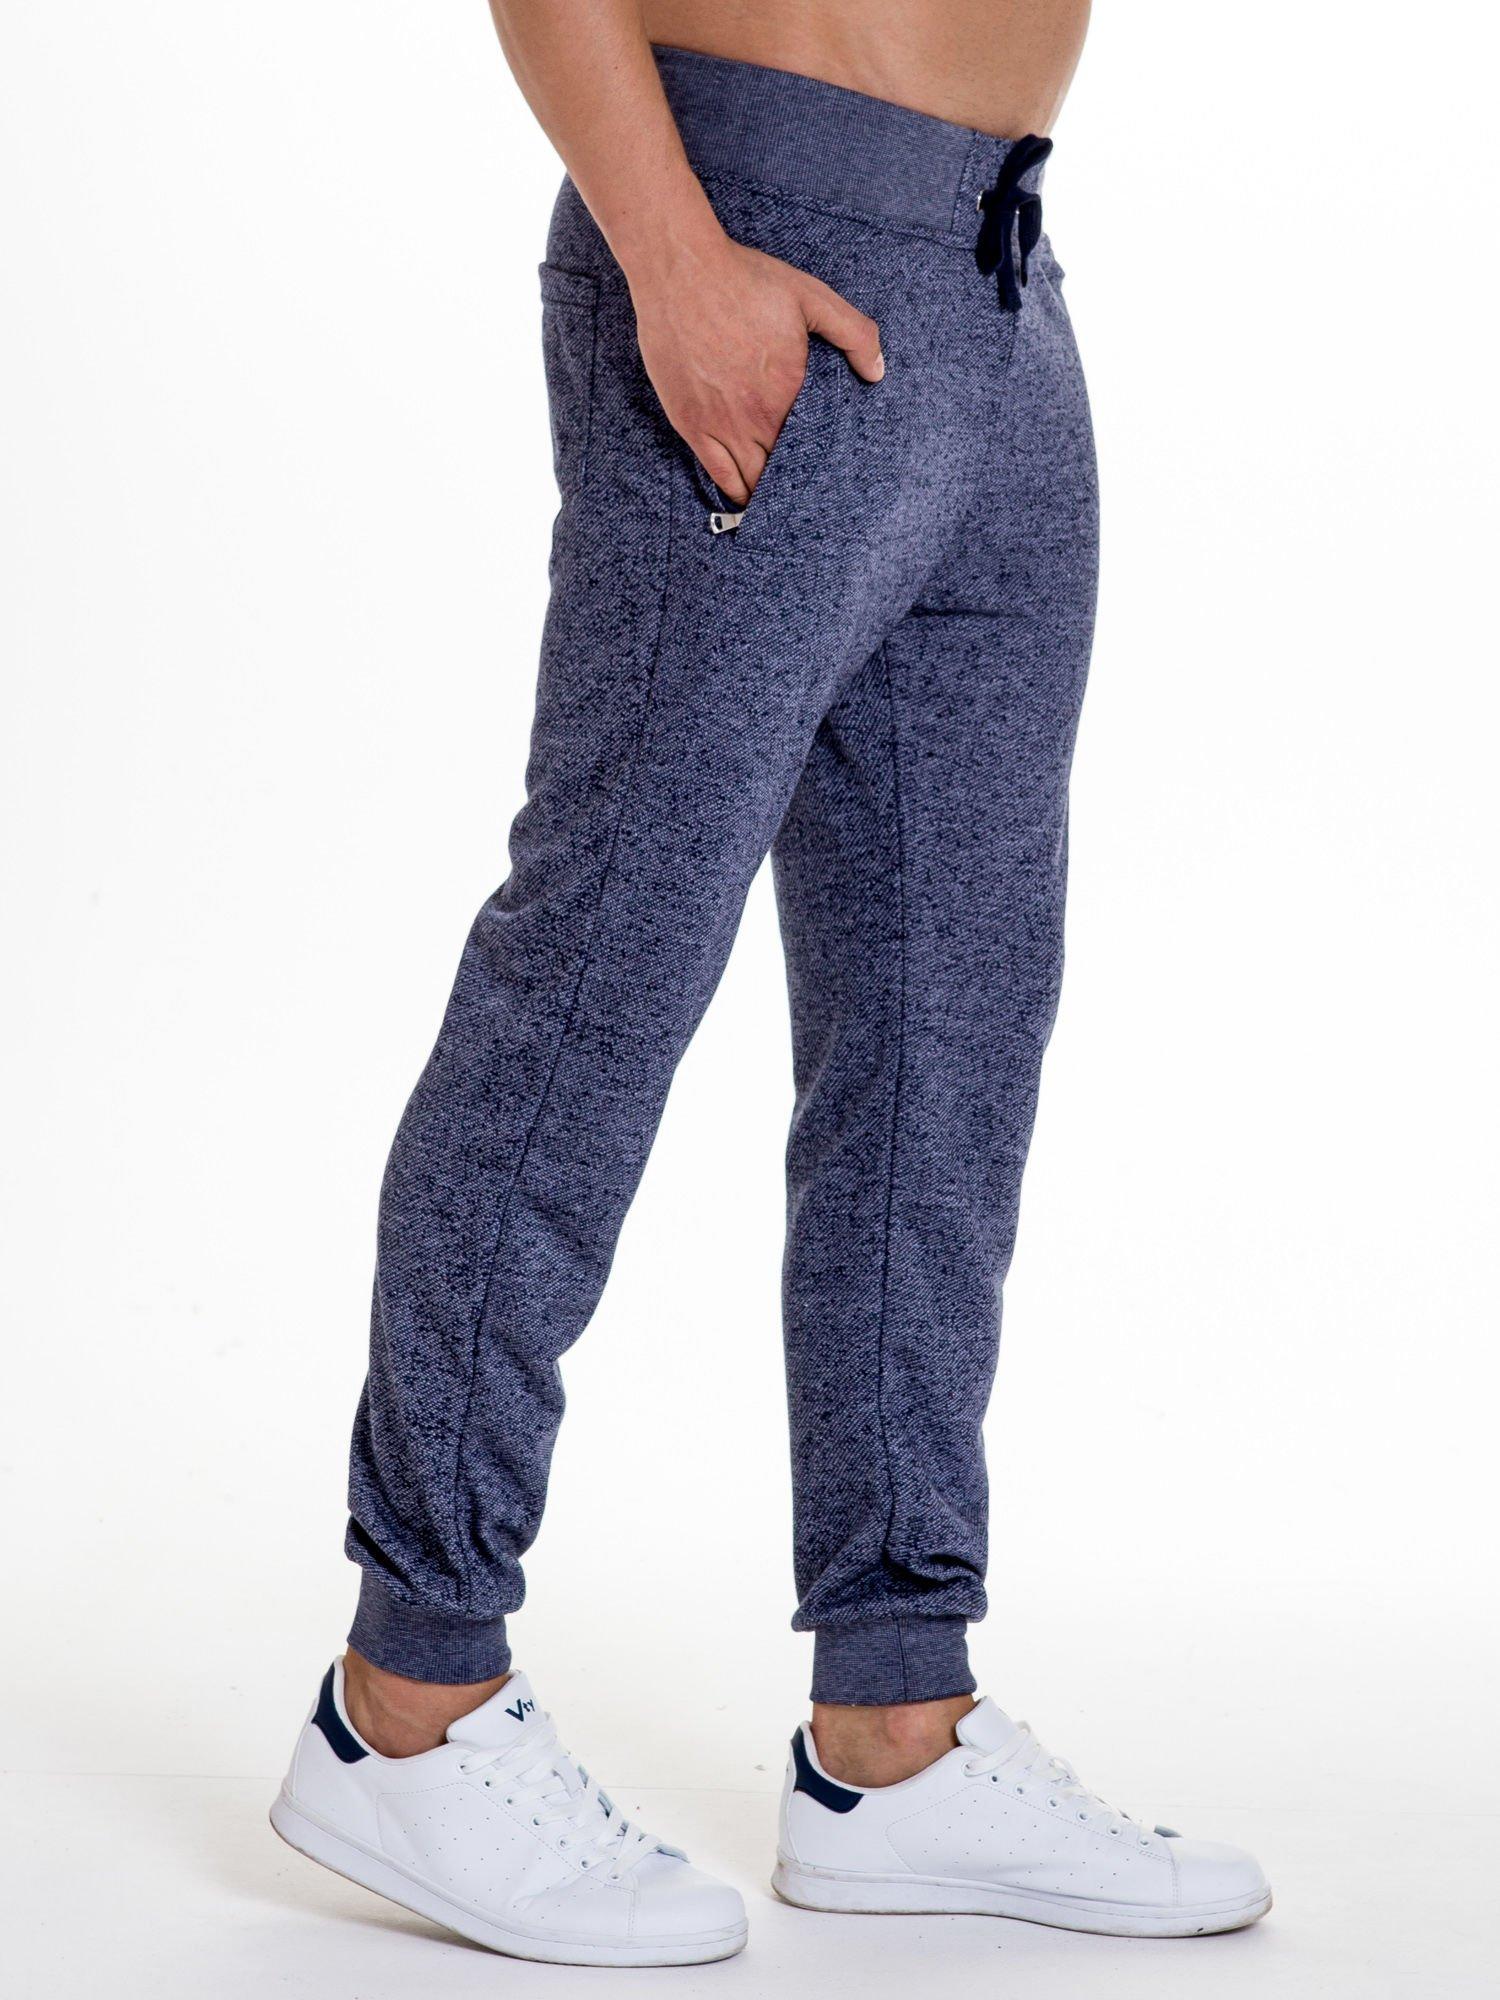 Granatowe melanżowe spodnie męskie z kieszeniami na suwak                                  zdj.                                  3